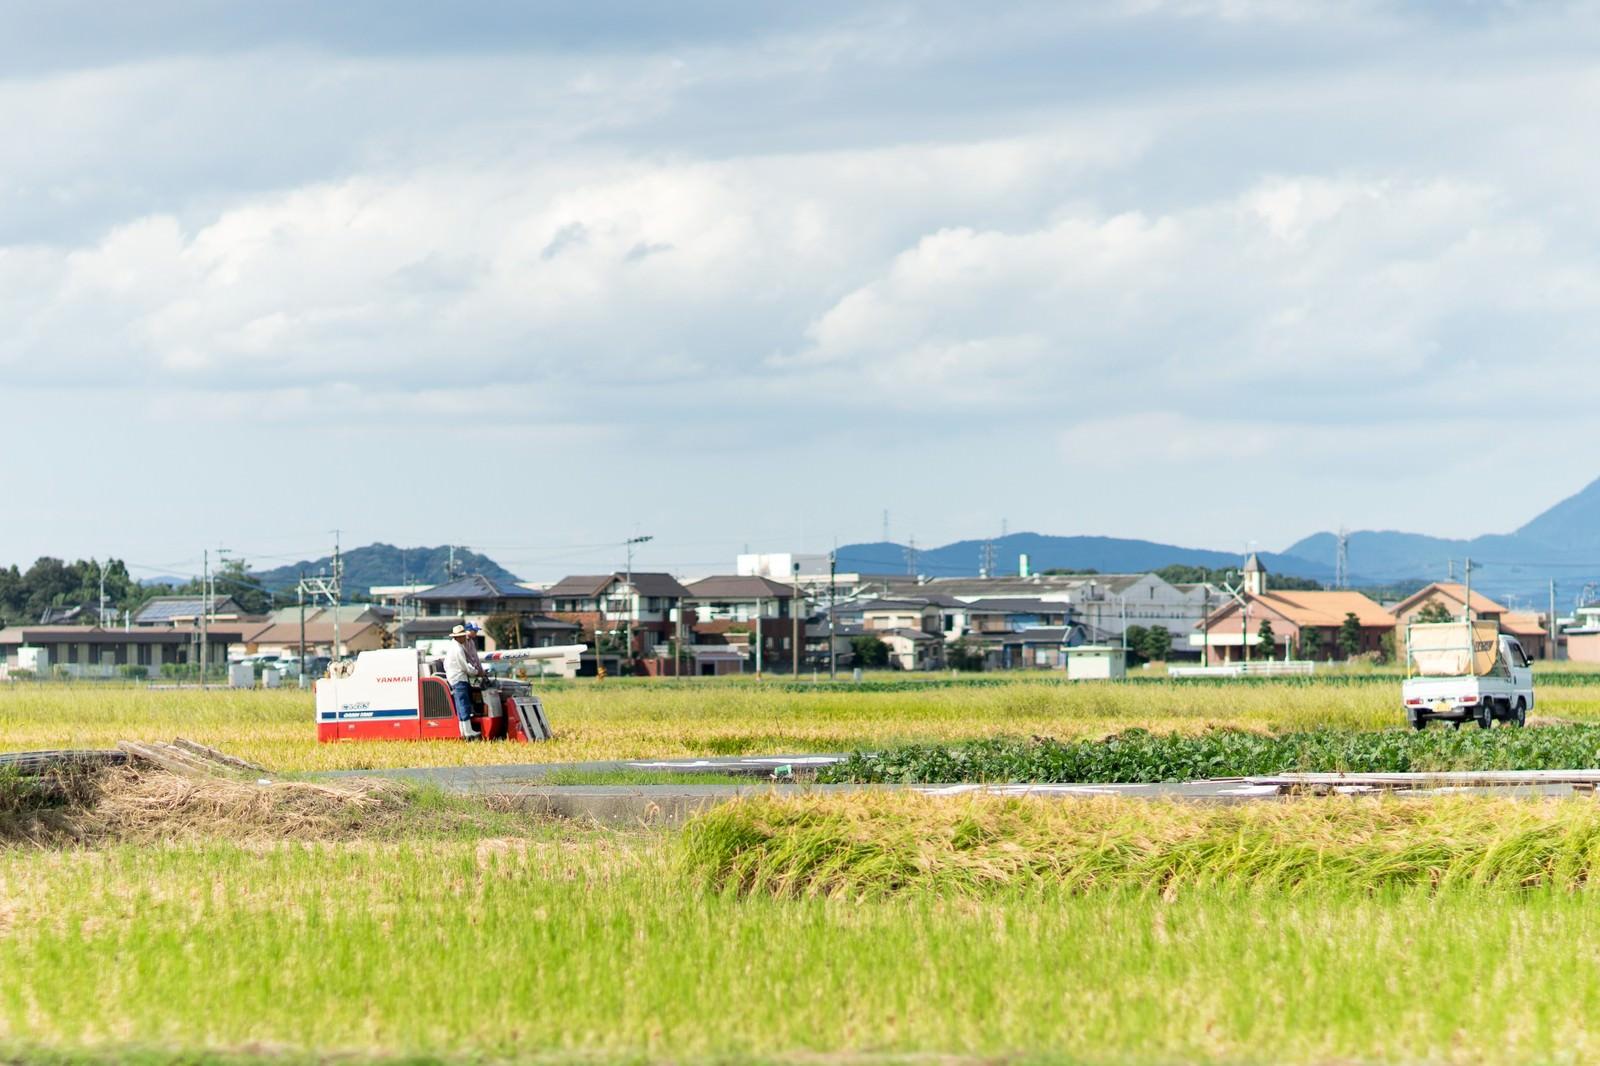 「稲の収穫時期(福岡県大刀洗町)稲の収穫時期(福岡県大刀洗町)」のフリー写真素材を拡大